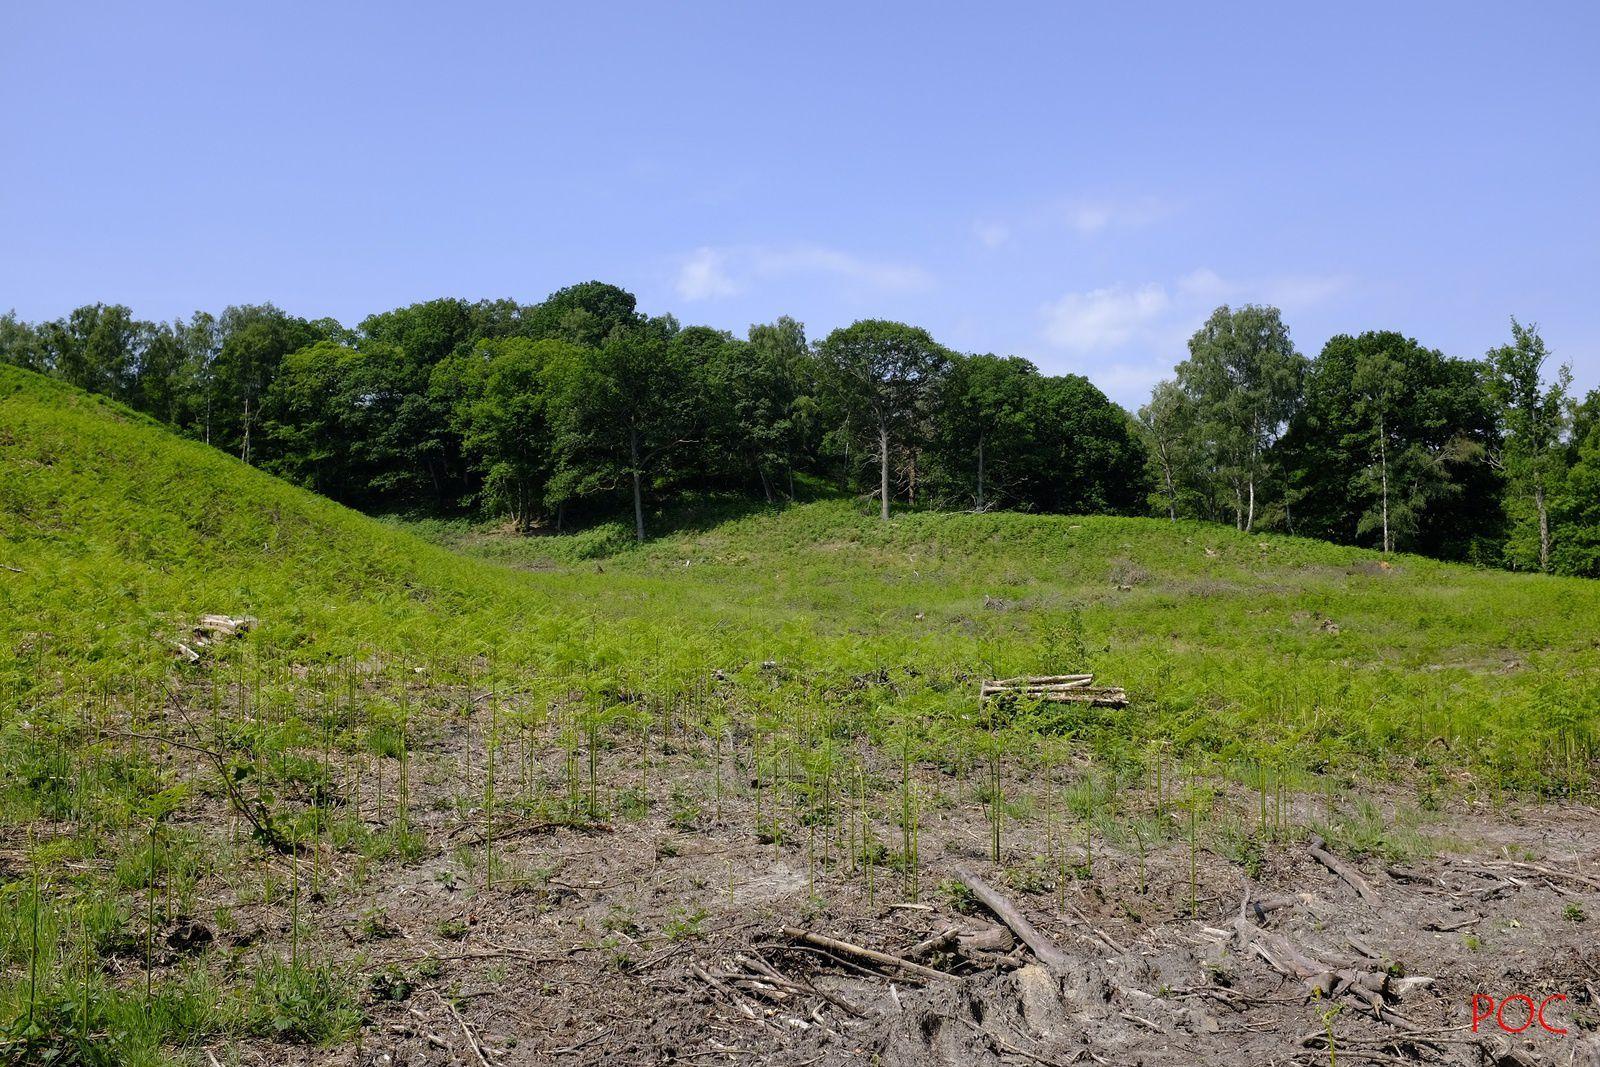 """Comment, à notre époque et dans une """"forêt de protection"""", peut-on se livrer à une destruction pareille, la pire forme d'exploitation forestière ?"""